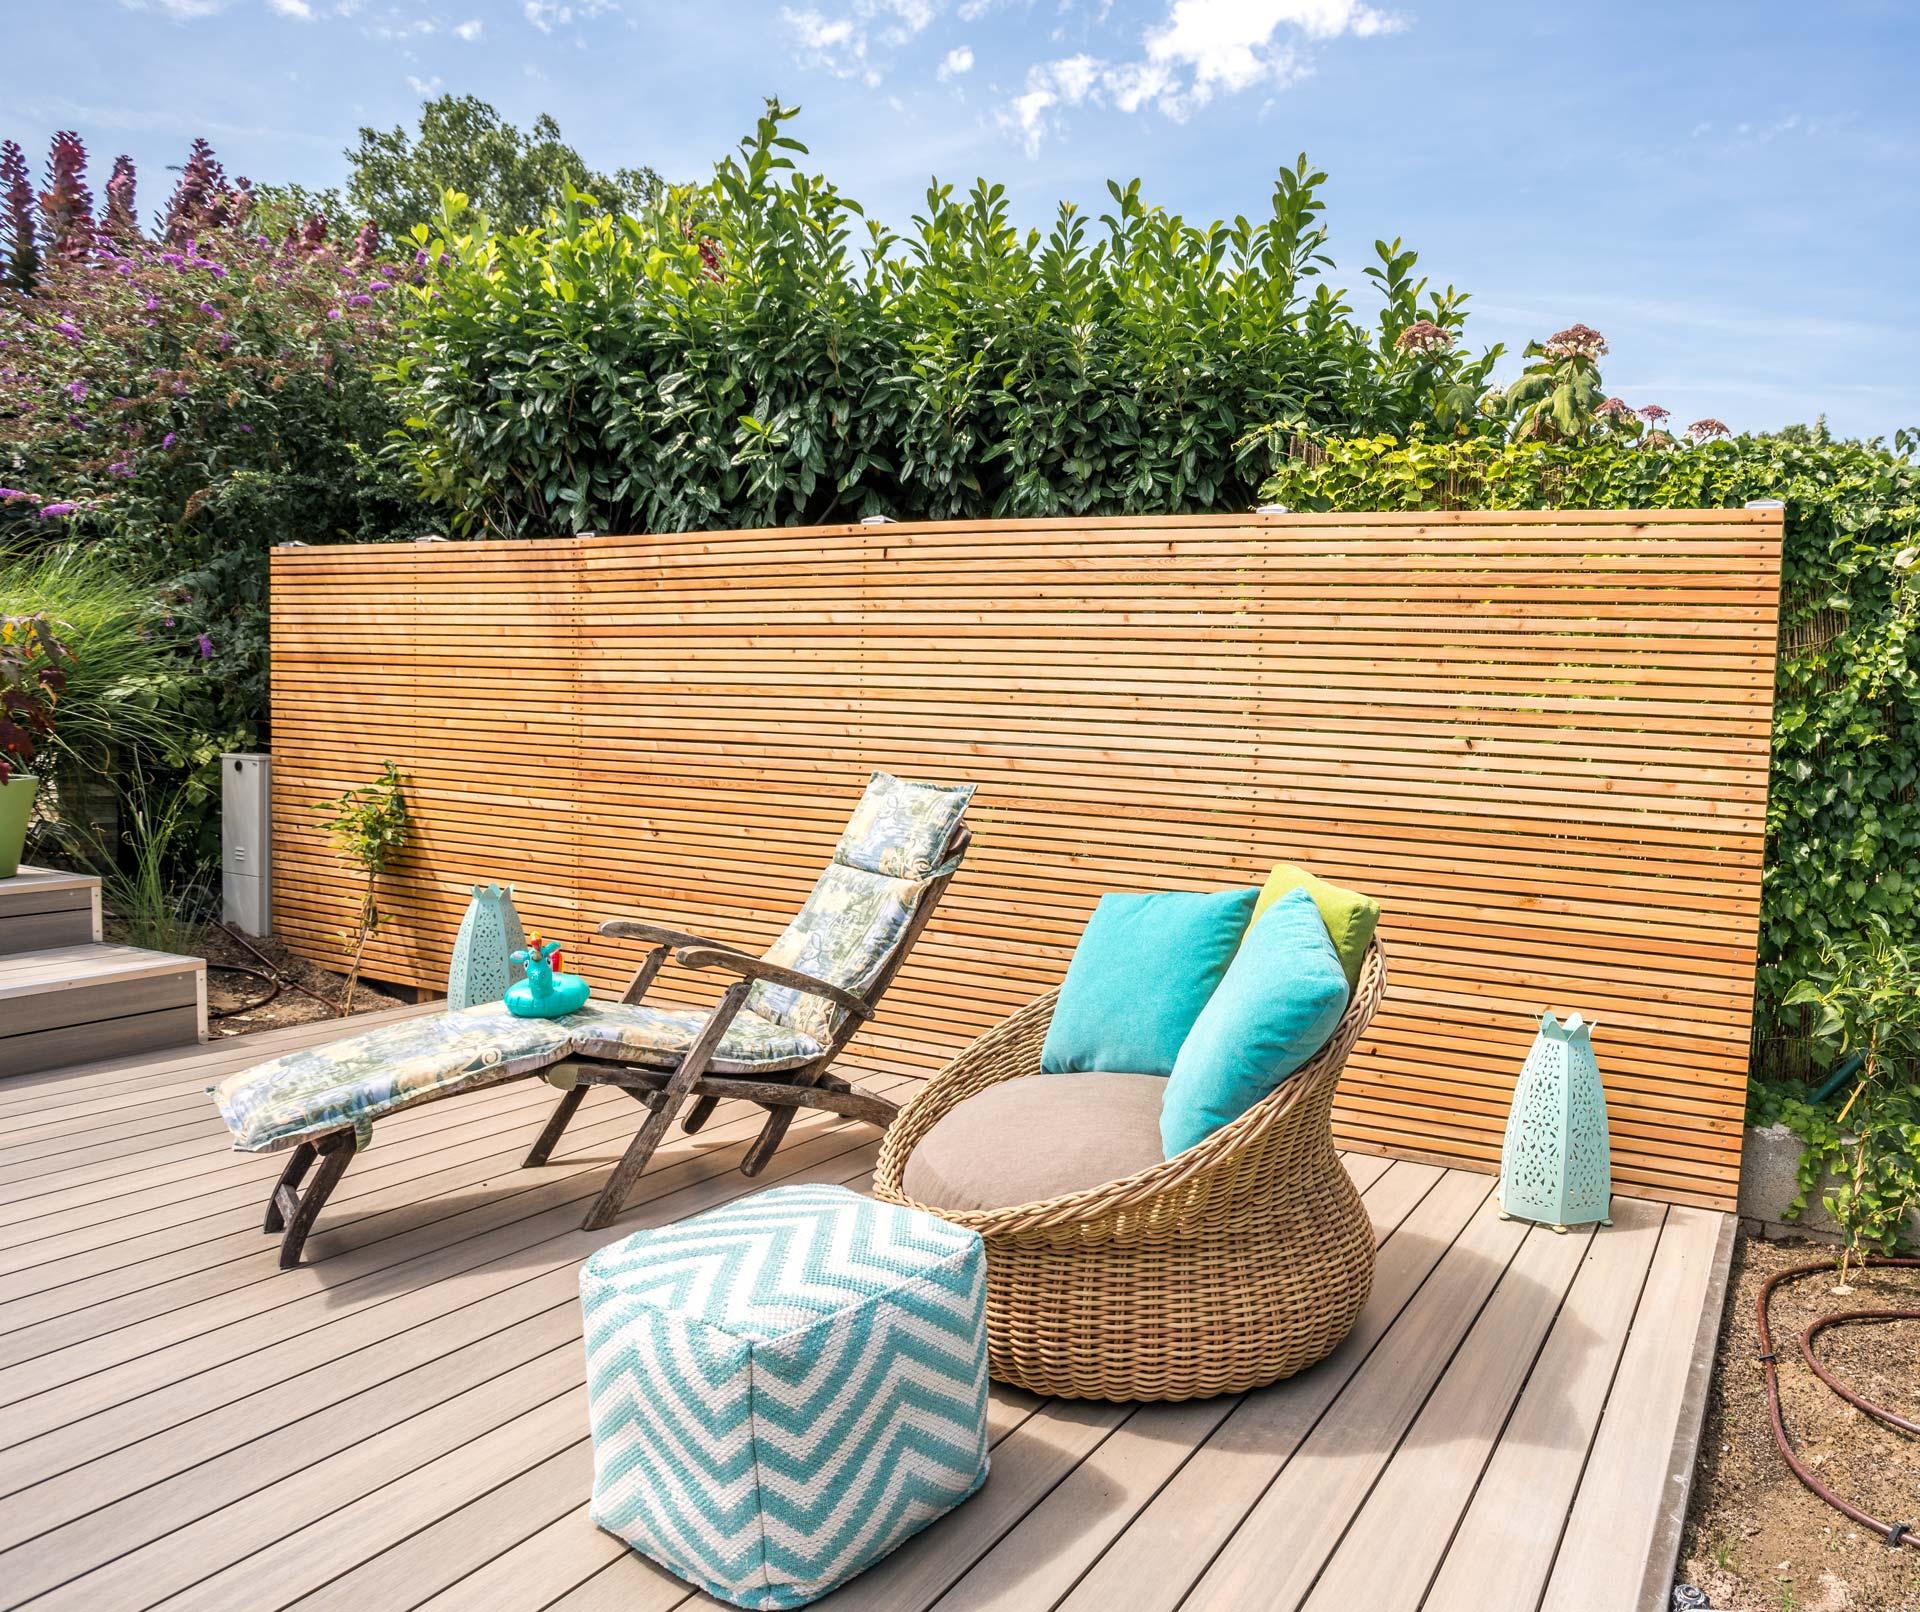 Sichtschutz 22 a | Blickdichte Wand im Garten bei Poolbereich aus waagrechten Holz-Latten | Svoboda Metalltechnik